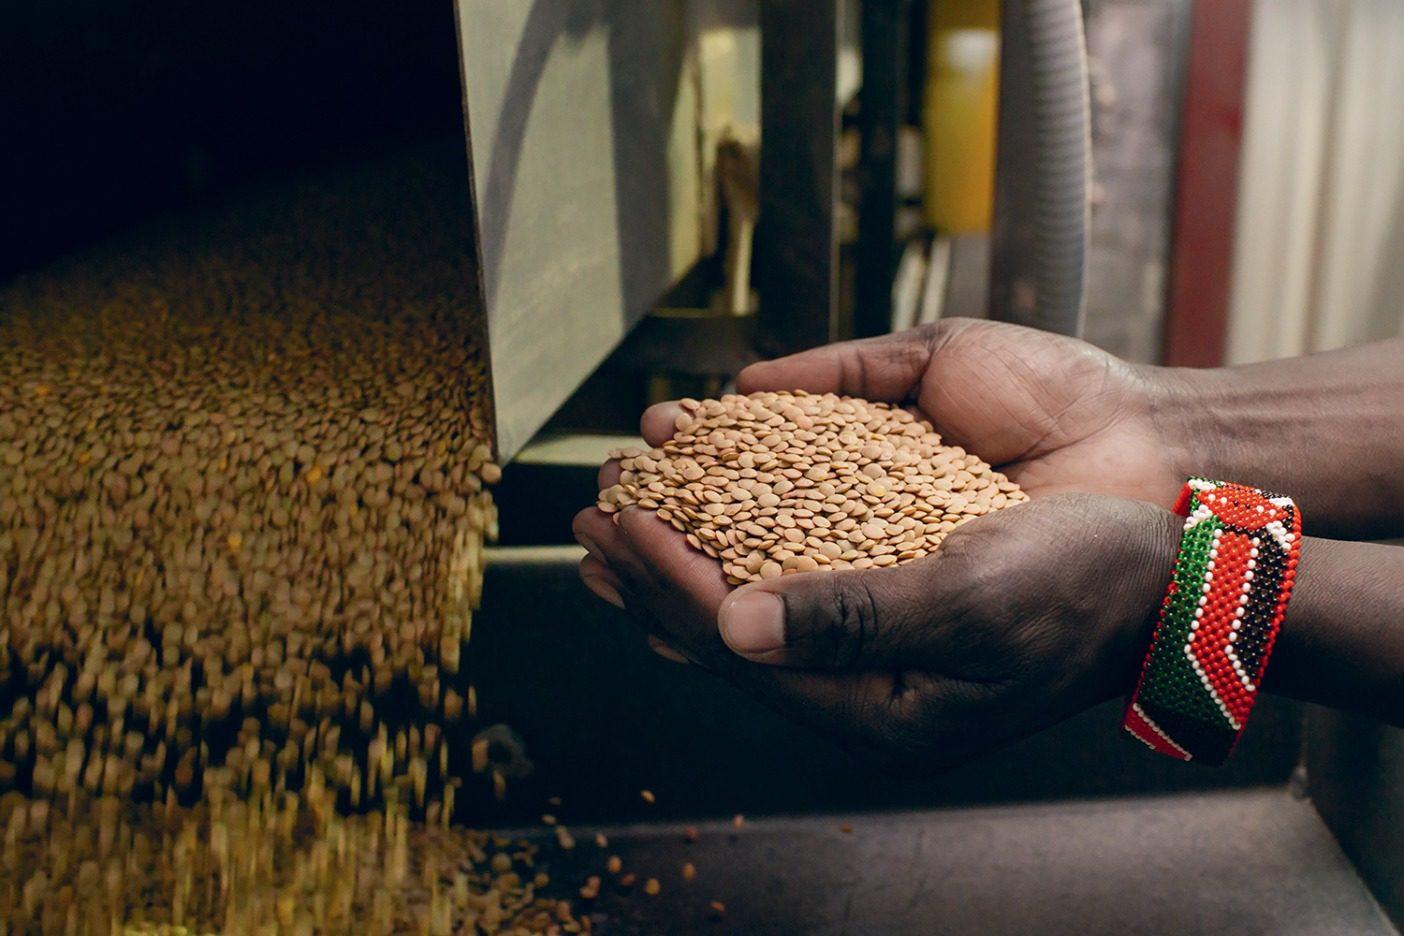 〈タイムレス・シーズ〉で洗浄されたオーガニックレンズ豆を両手いっぱいにすくう、農学者のジョセフ・キビウォット。 Photo: Amy Kumler